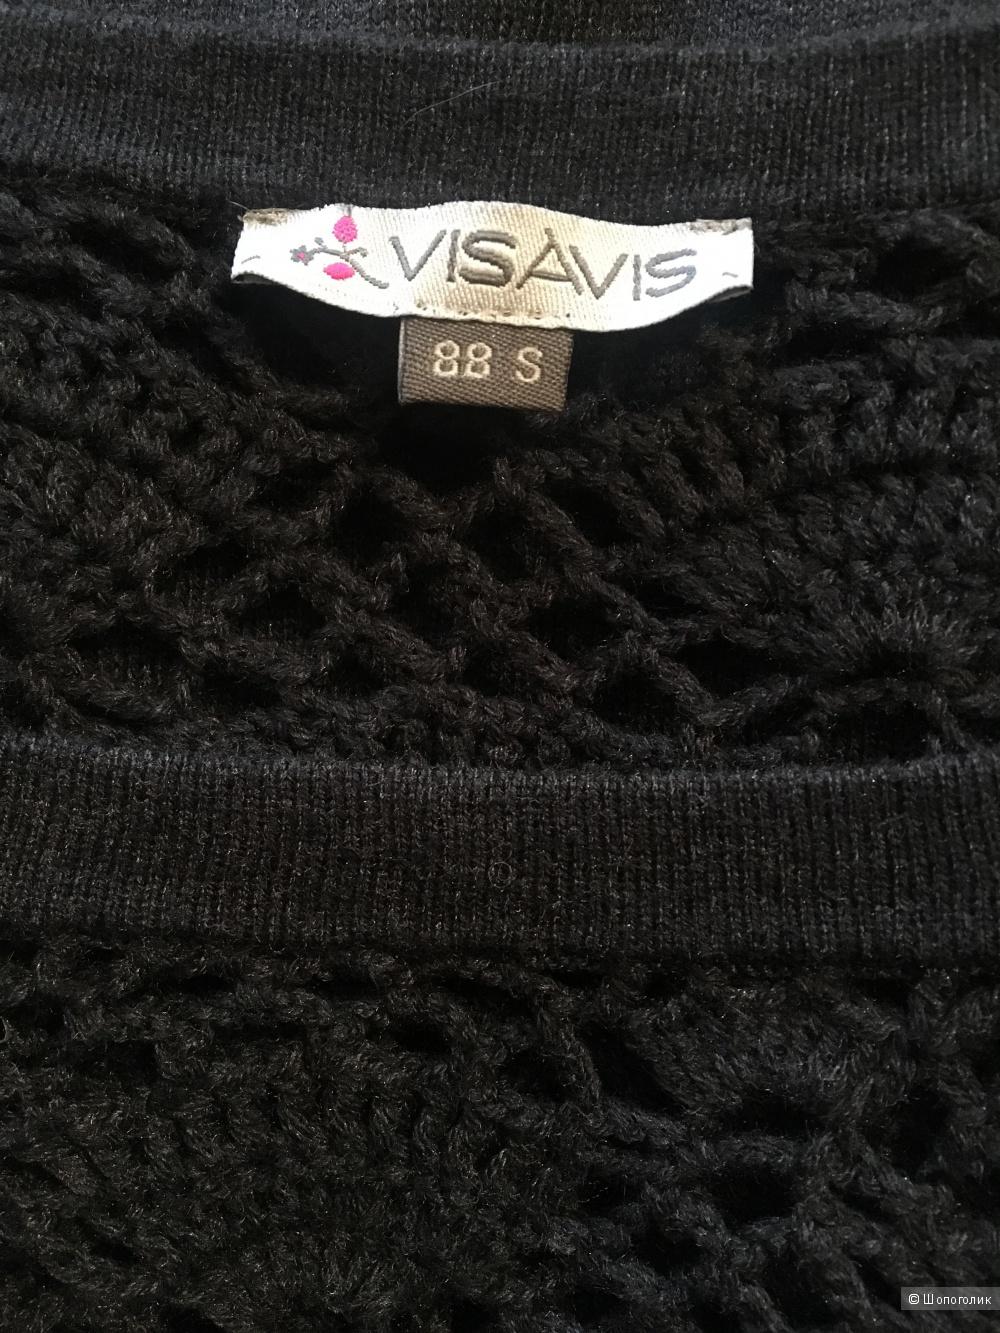 Платье  Vis-a-vis , размер S